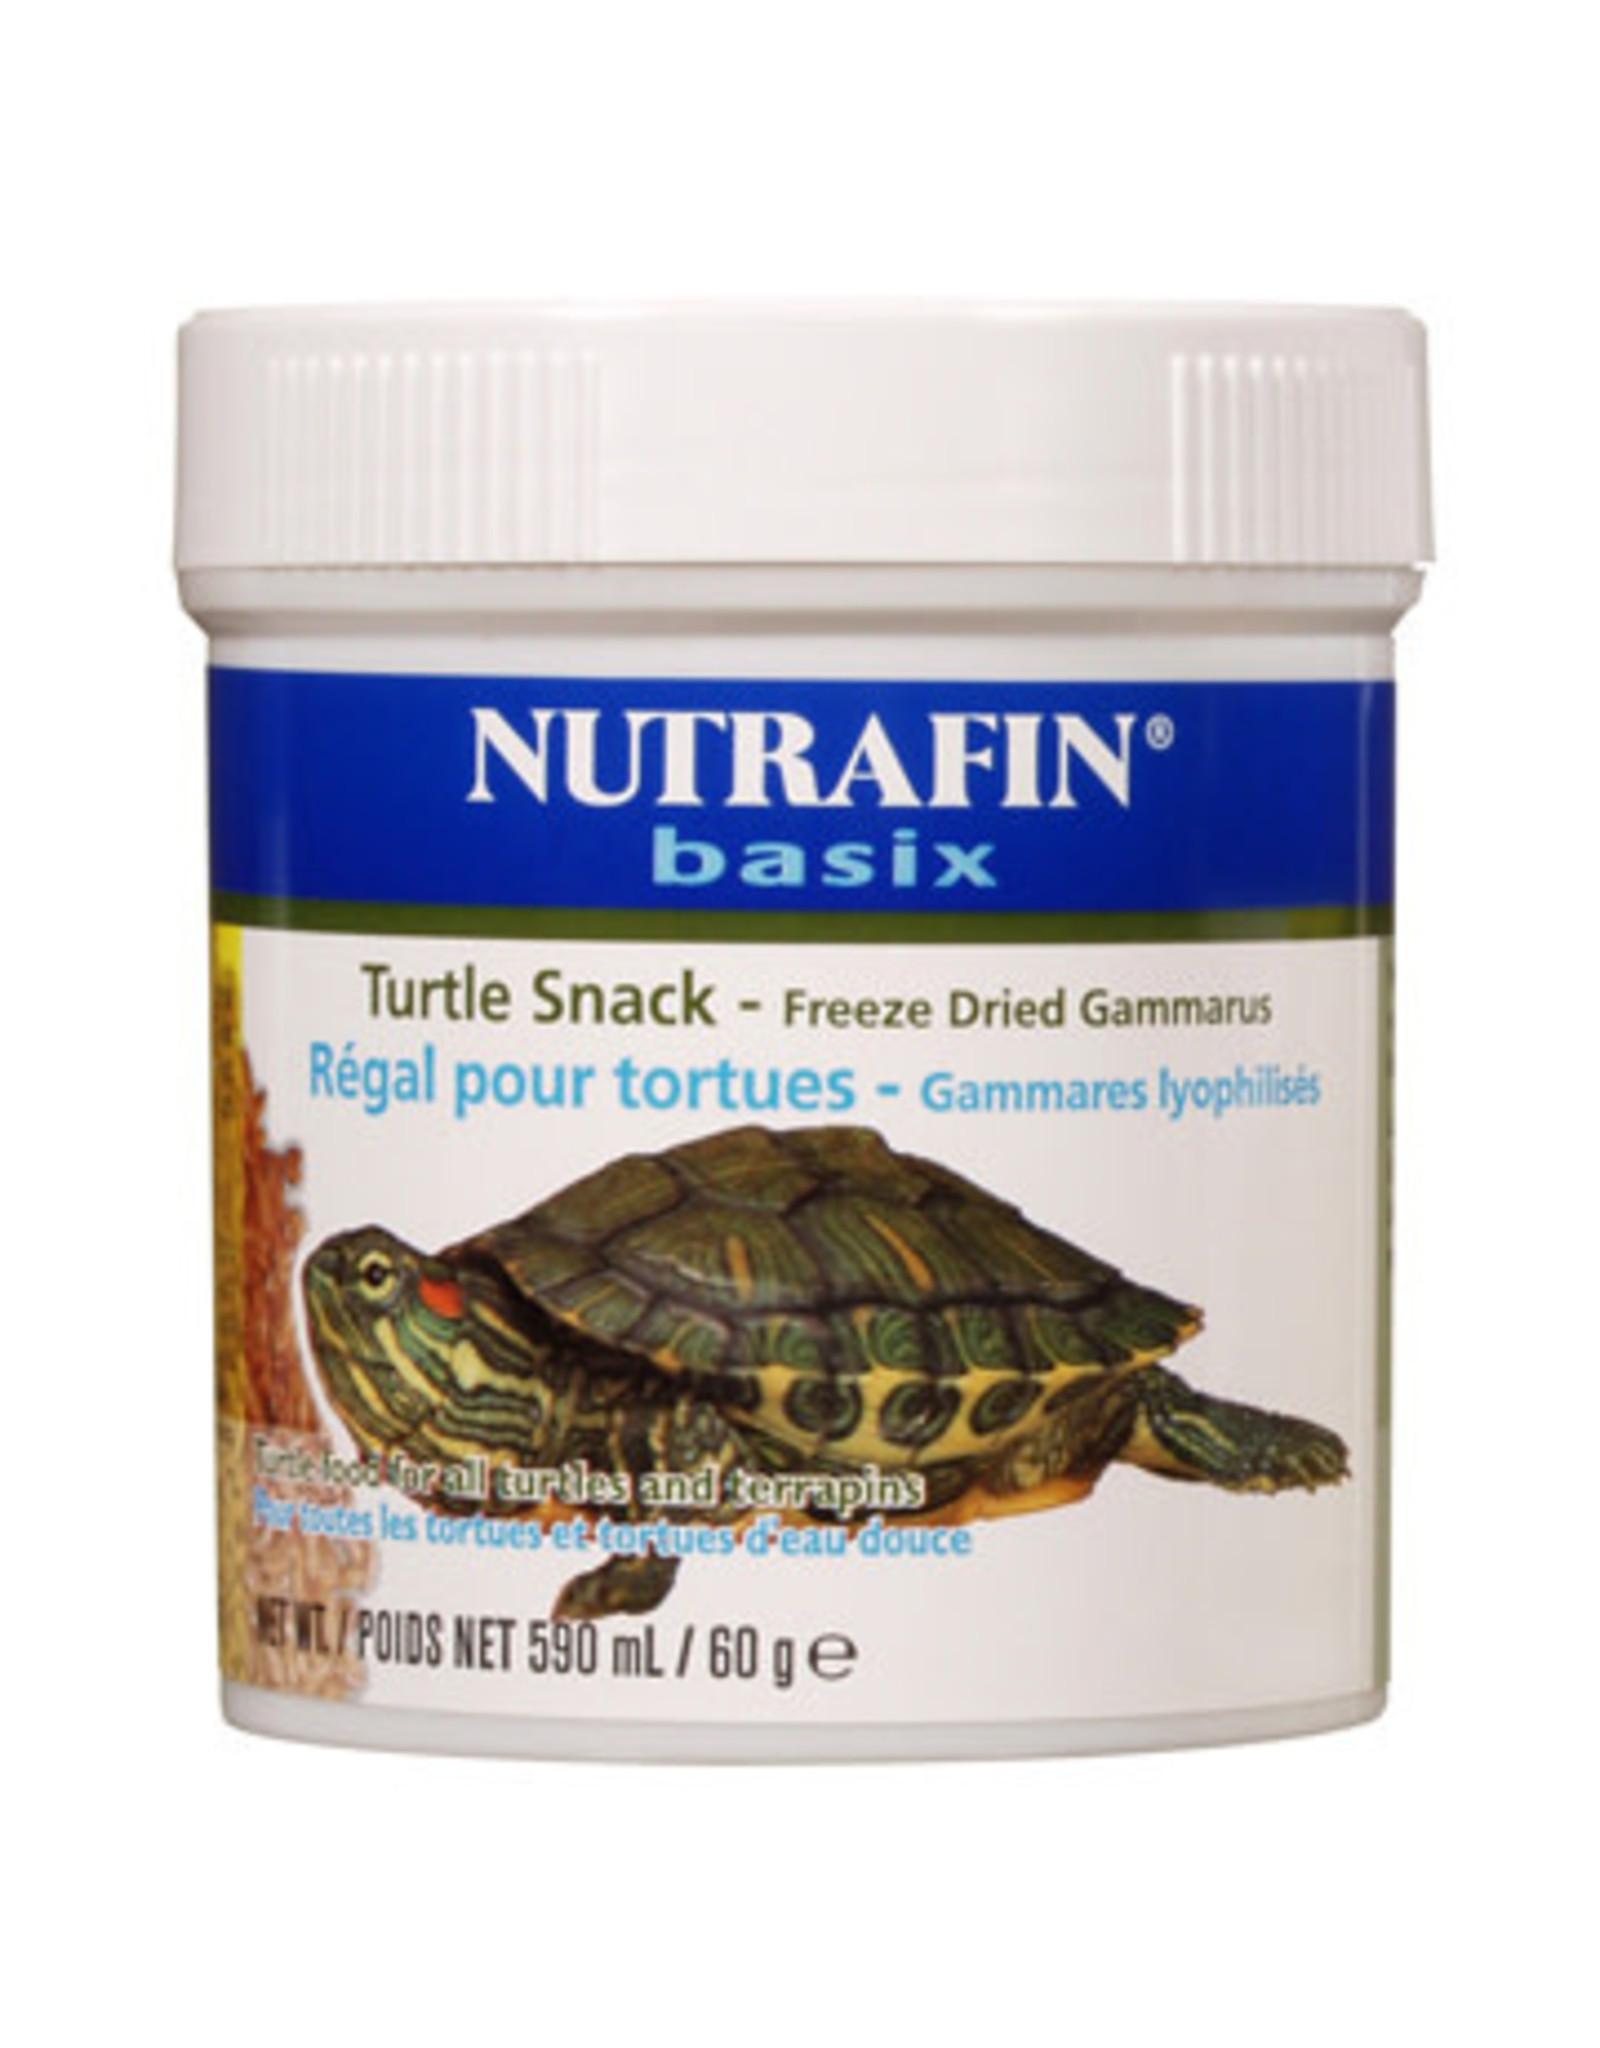 Nutrafin Nutrafin Basix Turtle Snack, 60 g (2.1 oz)